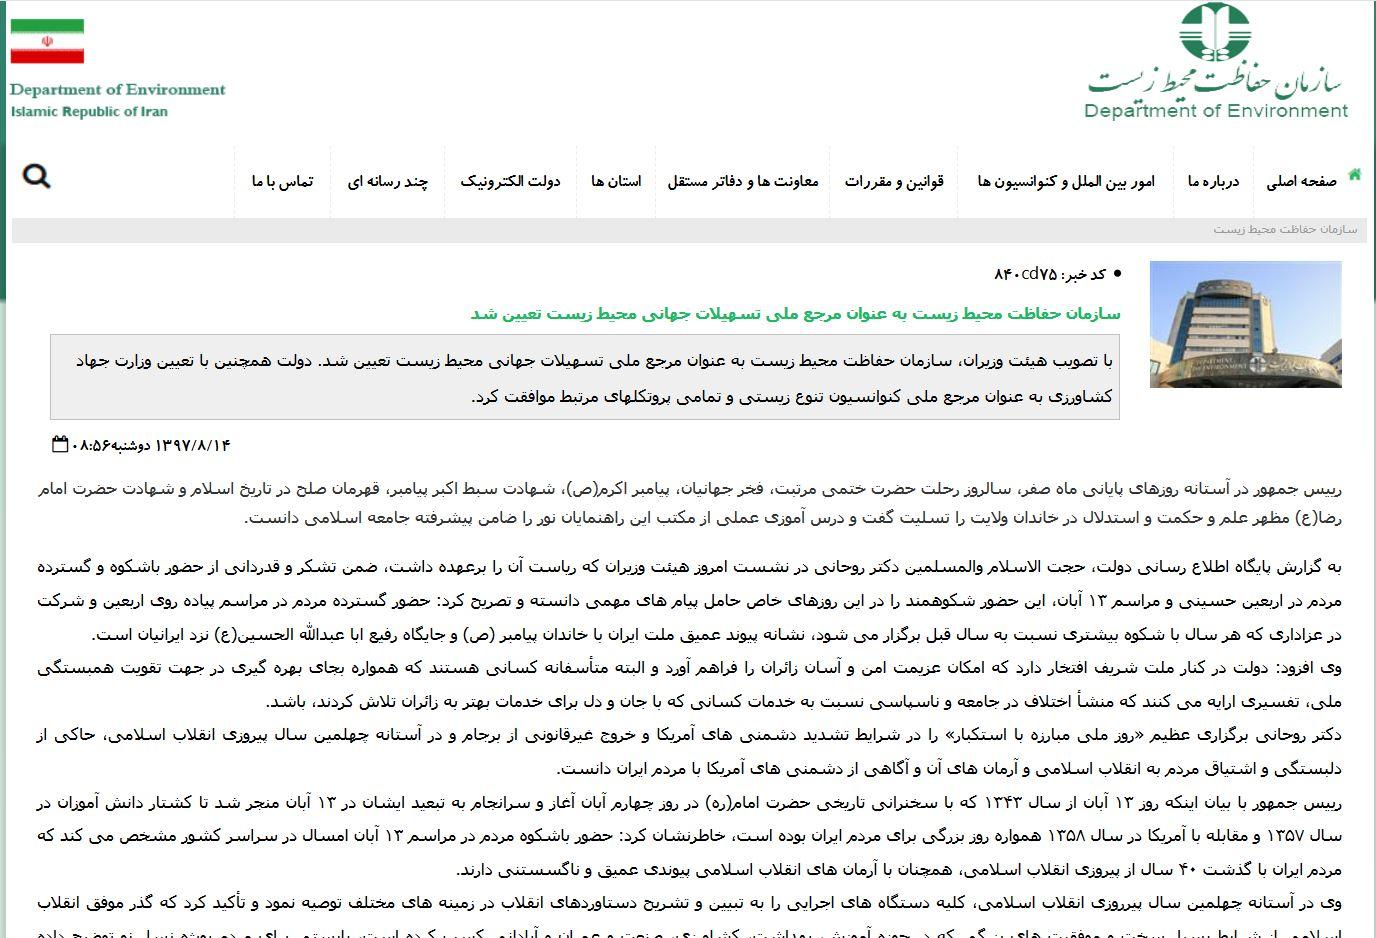 «تنوع زیستی» به وزارت کشاورزی رسید و سازمان محیط زیست کف زد!